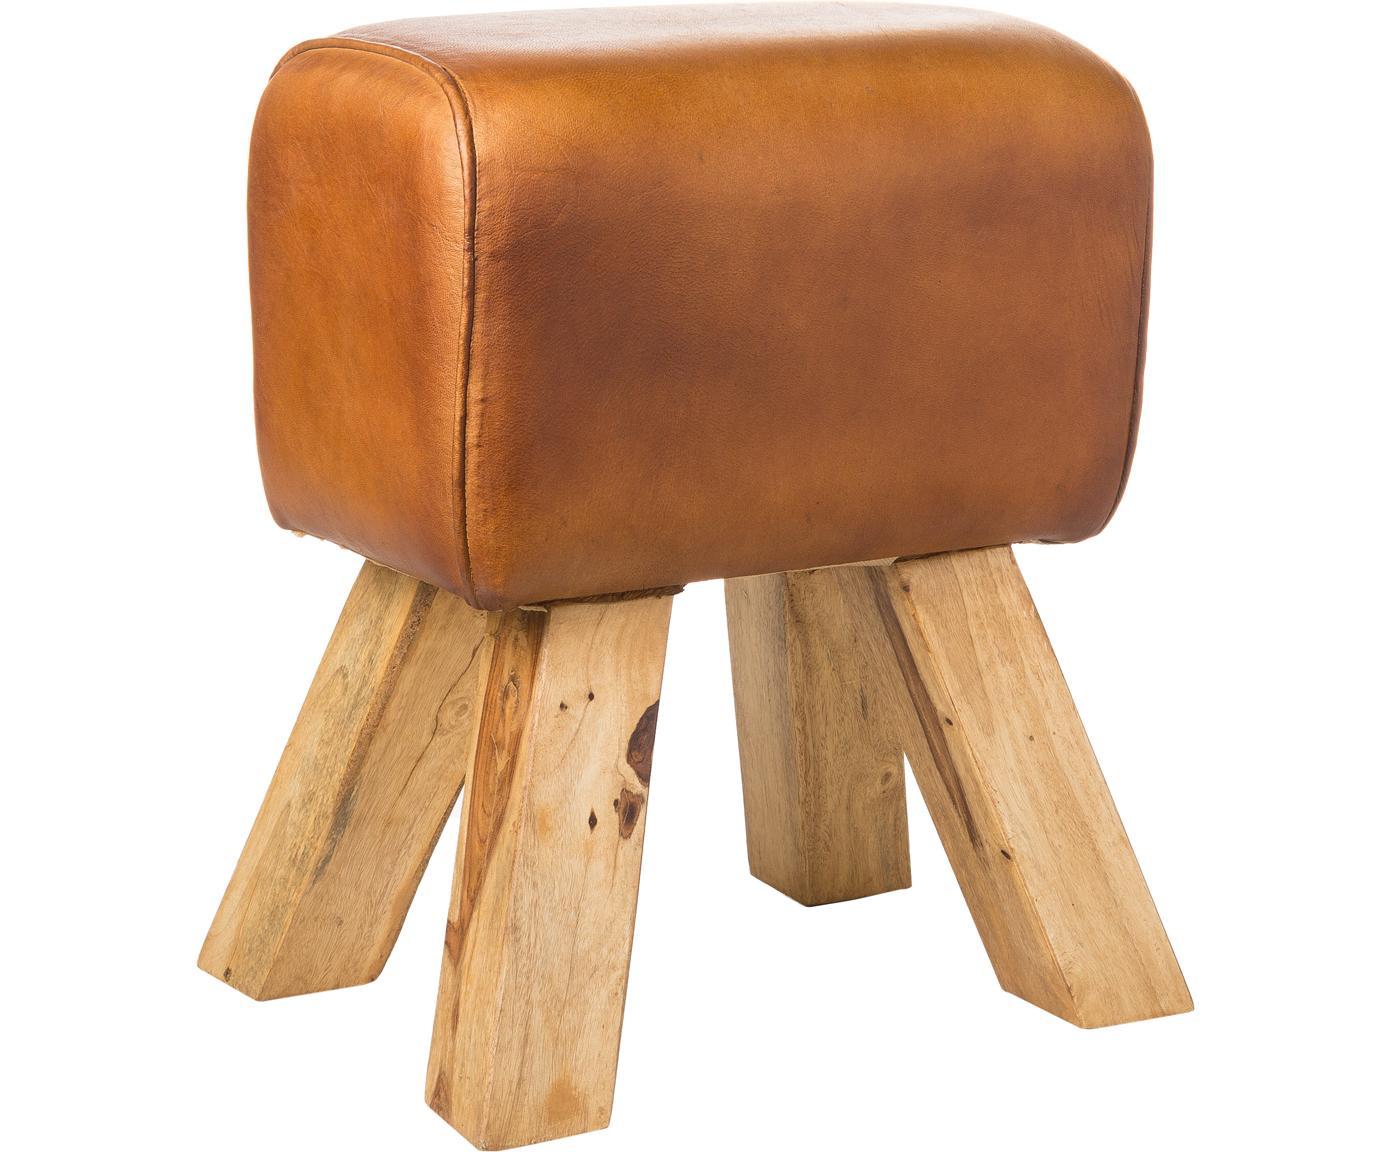 Stołek ze skóry vintage Tim, Nogi: drewno mangowe, barwione, Tapicerka: kozia skóra, z celowymi ś, Jasny brązowy, S 40 x W 47 cm